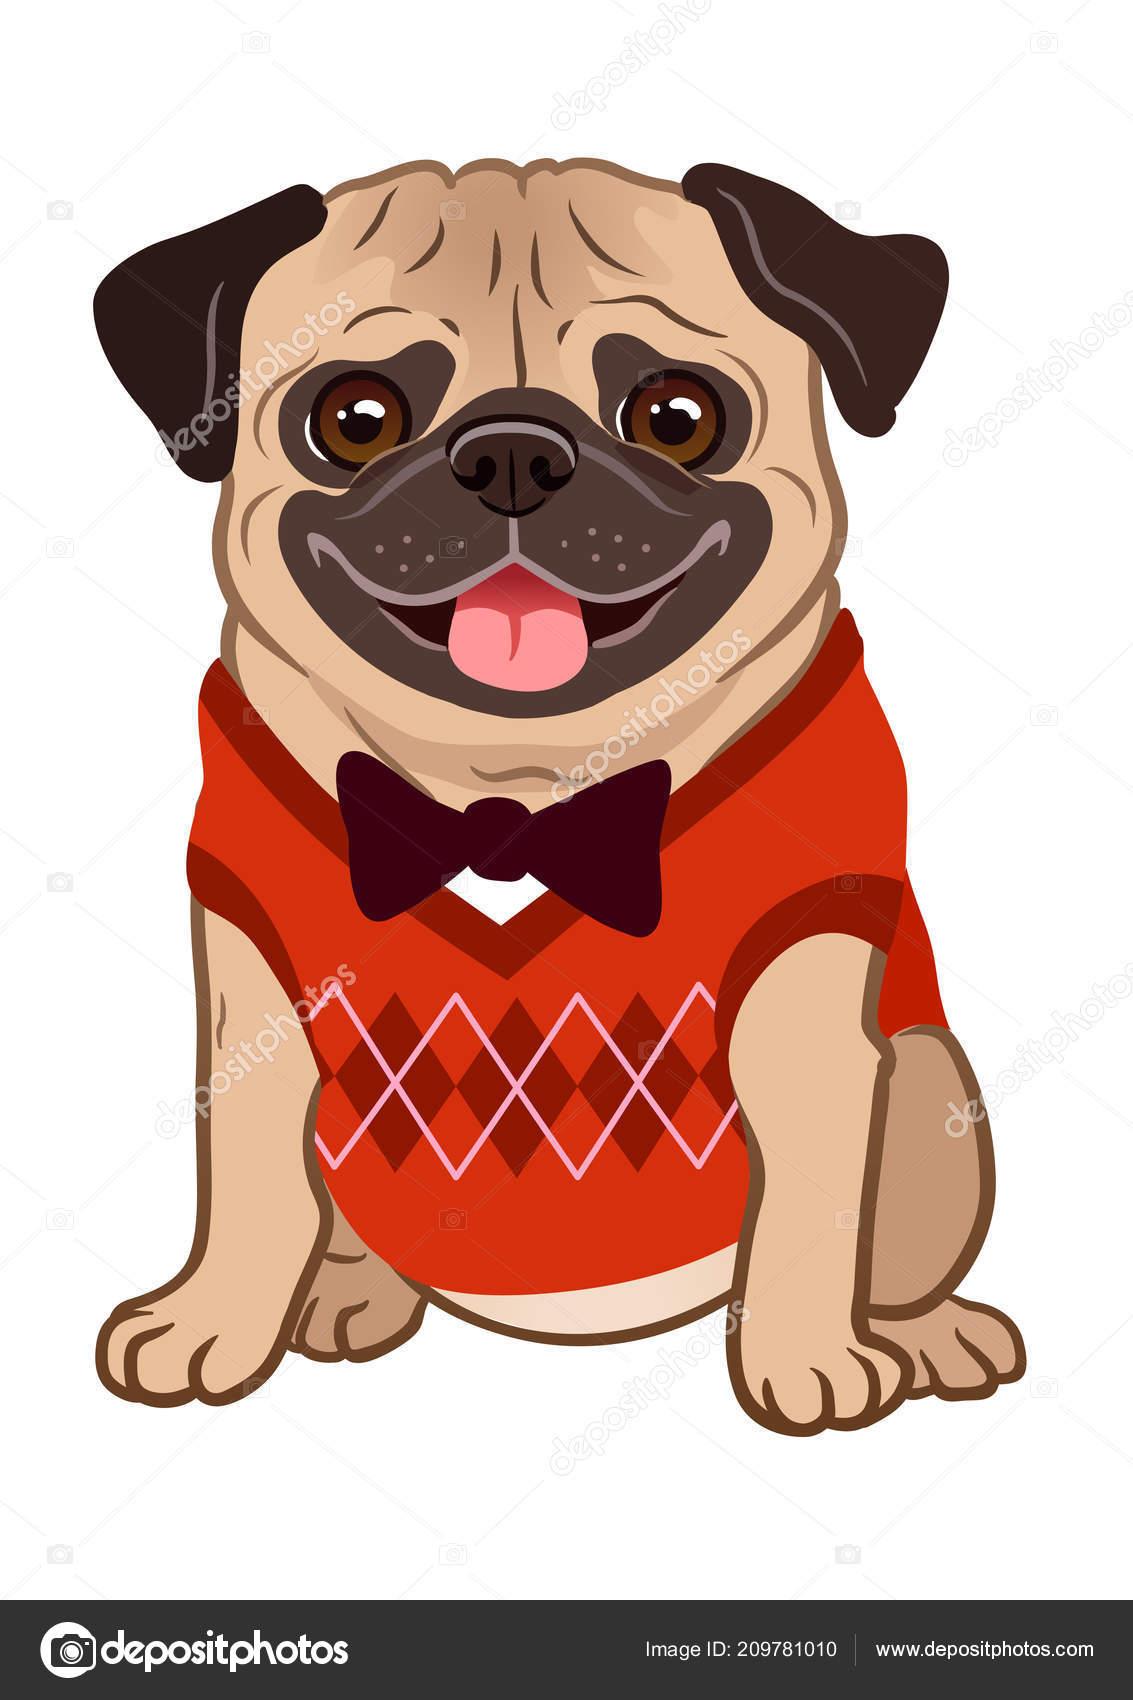 パグ犬漫画イラスト かわいいやさしい脂肪ぽっちゃりフォーン パグ子犬